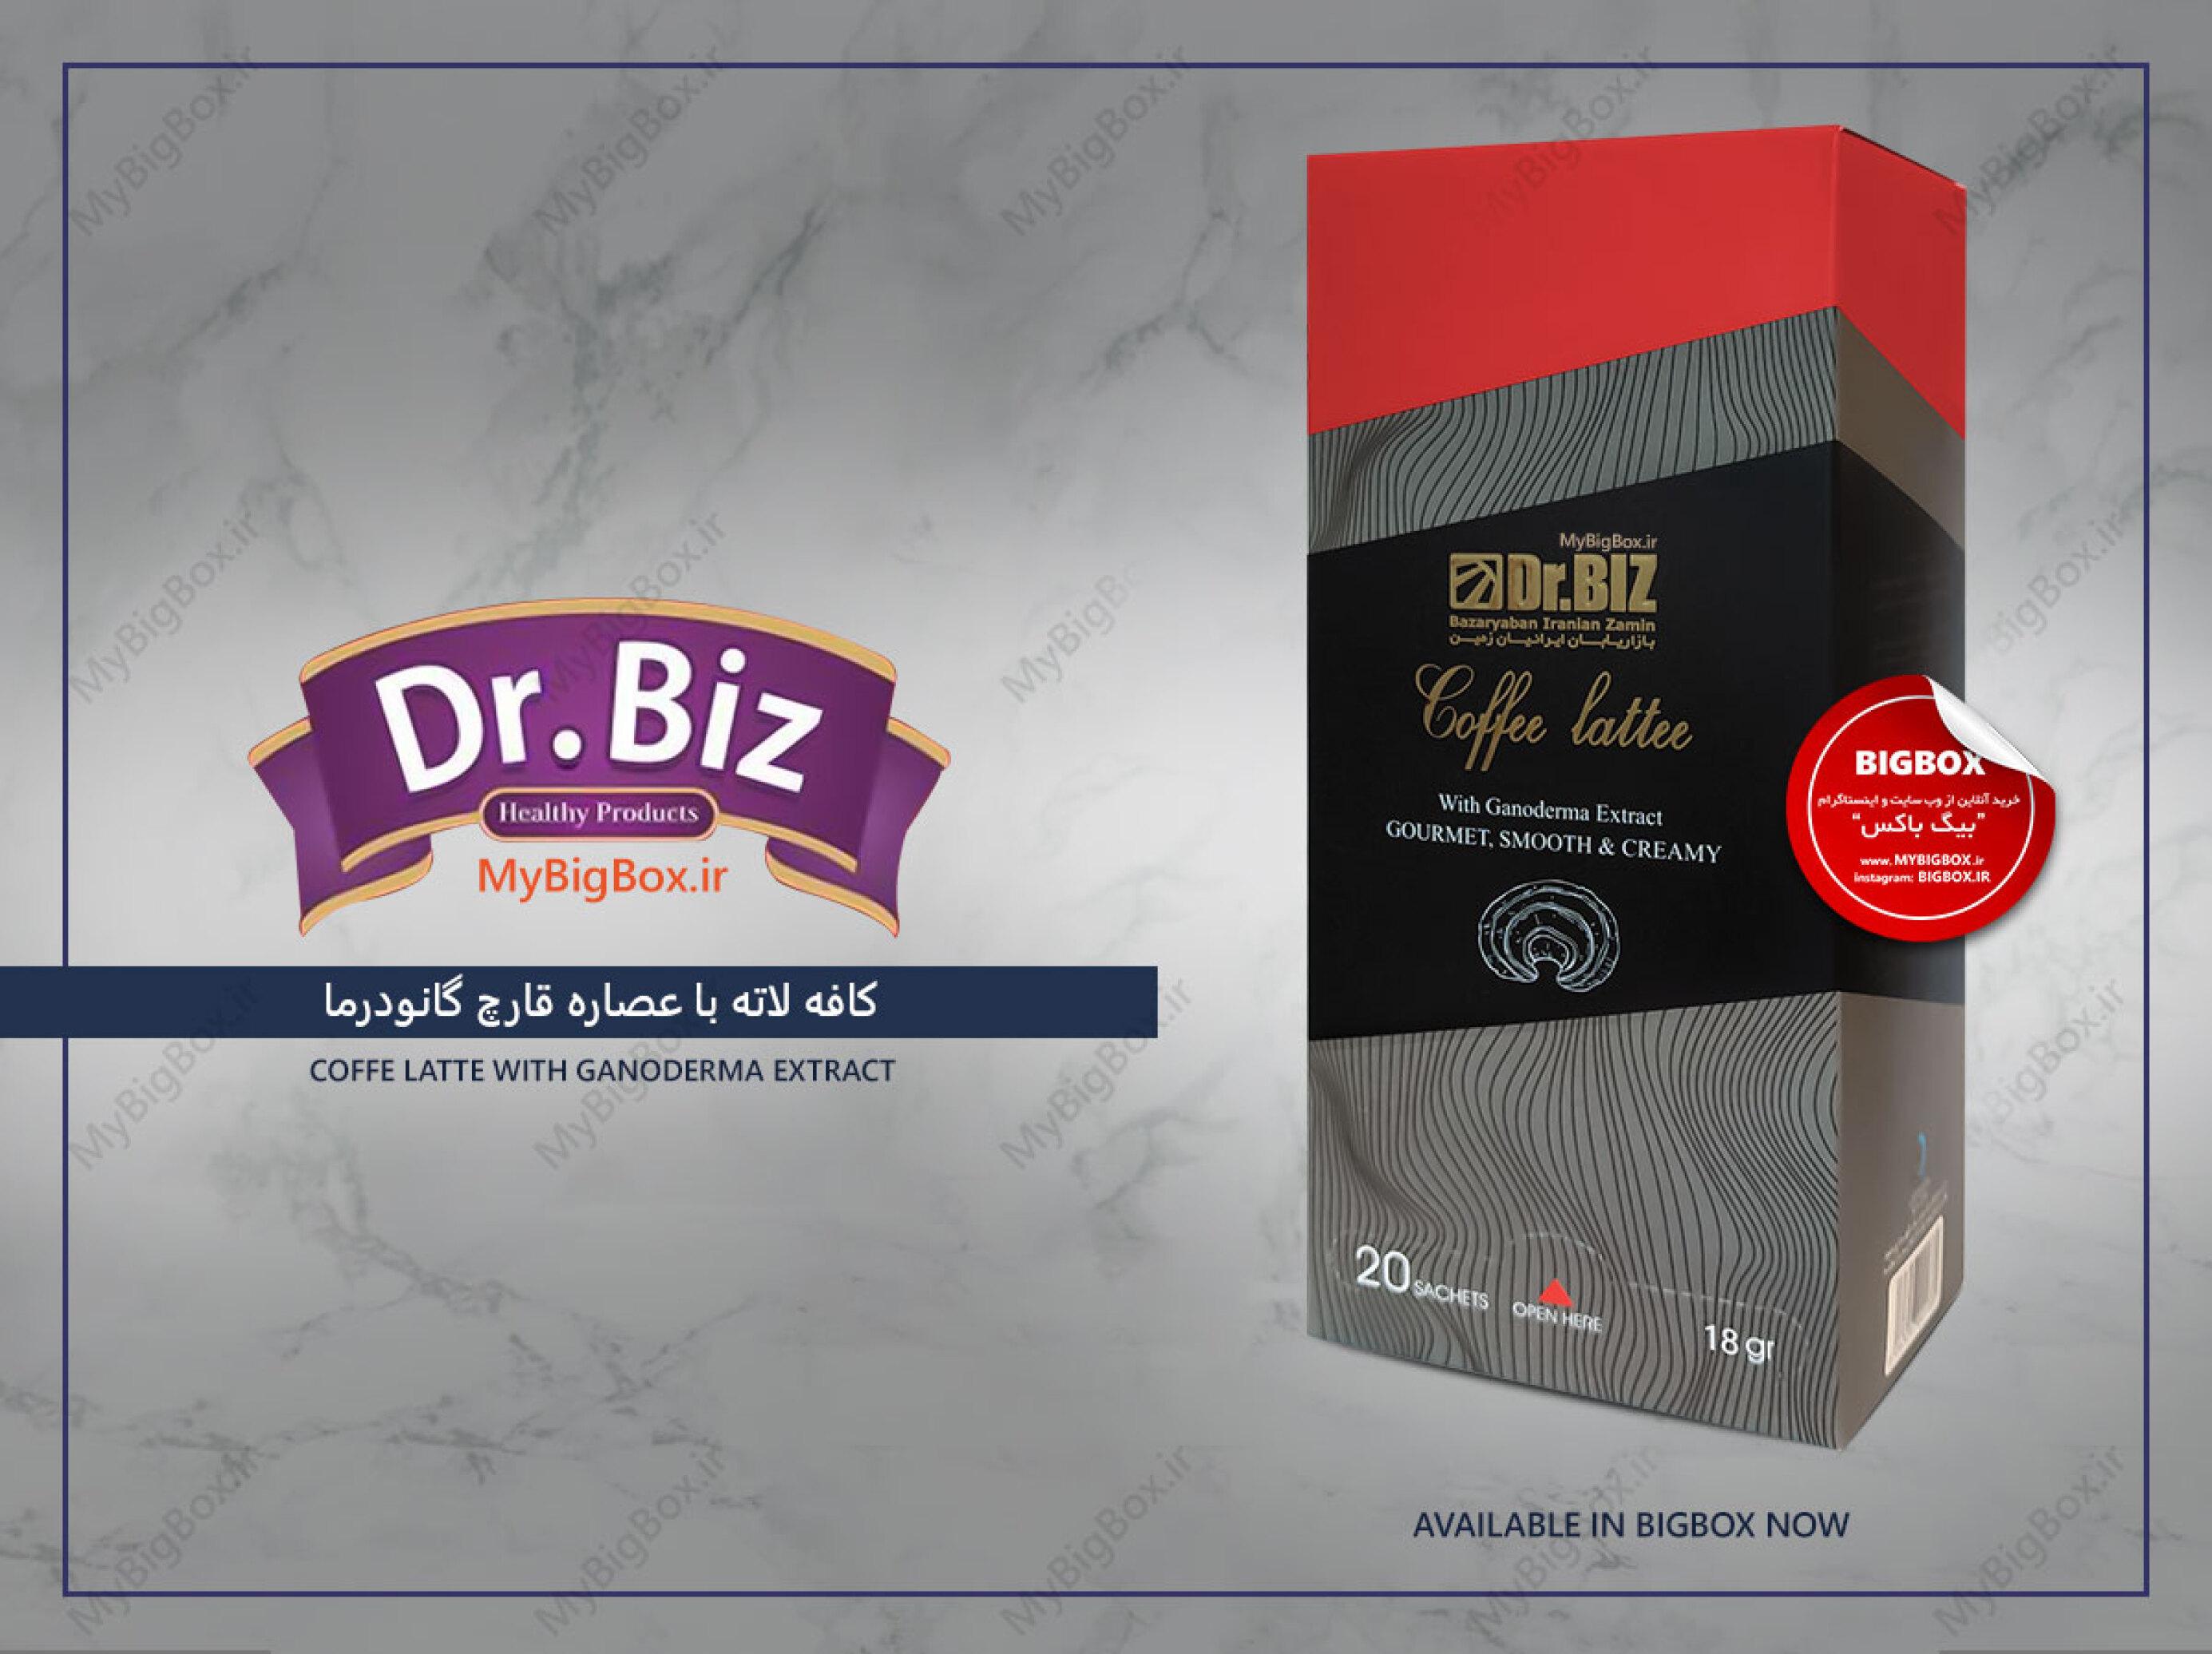 کافه لاته گانودرما دکتر بیز - بسته 20 عددی Dr.Biz Coffee Latte